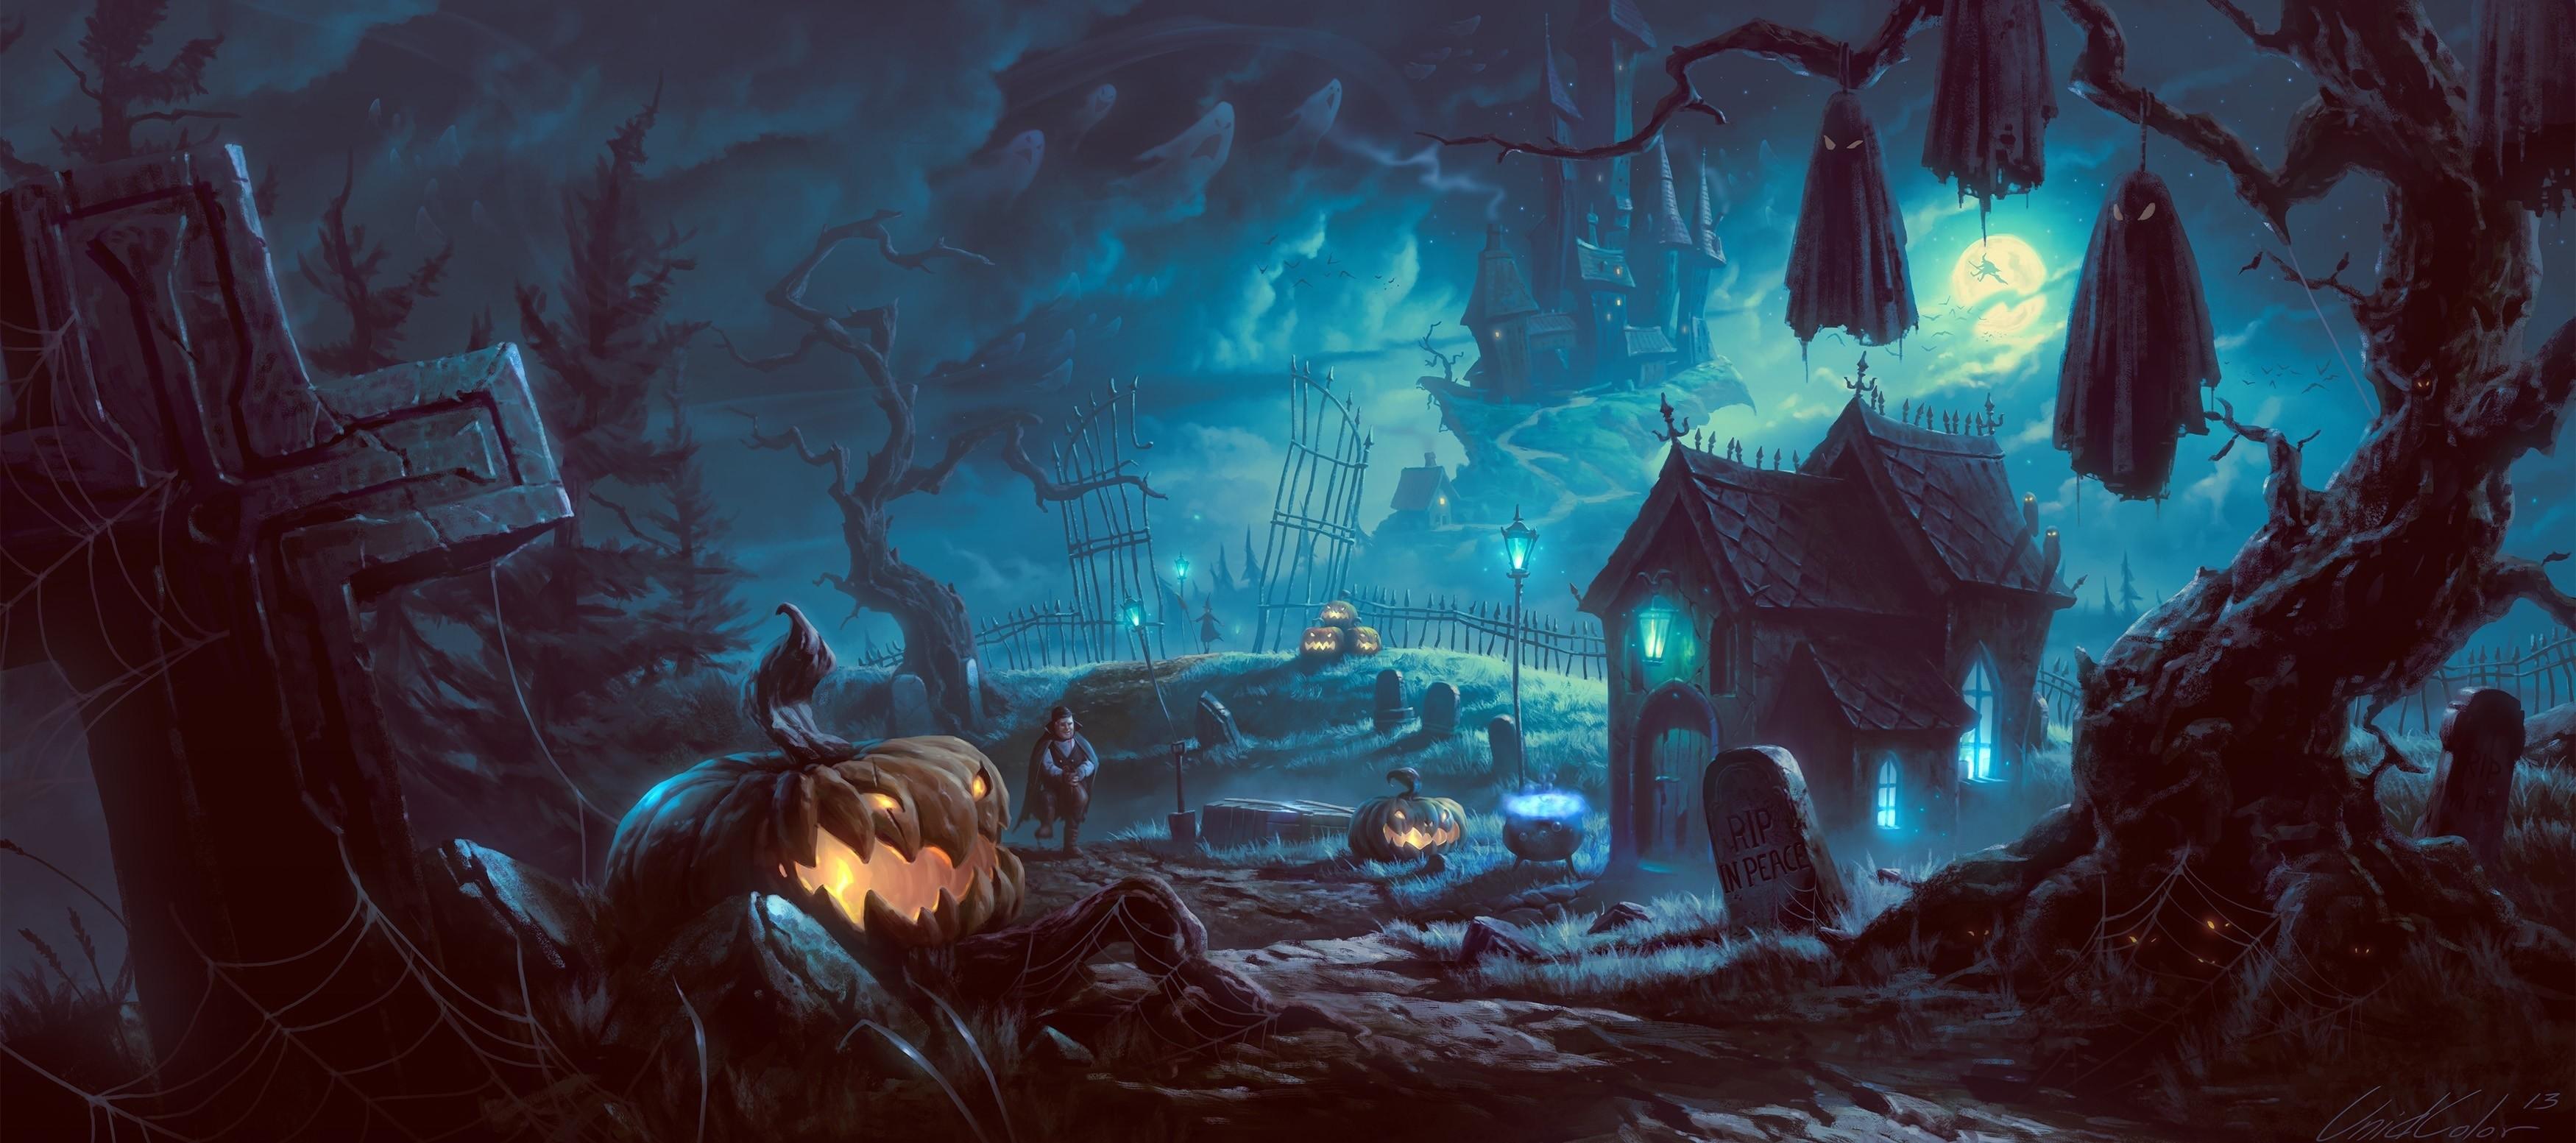 art night trees halloween pumpkin vampire wallpaper